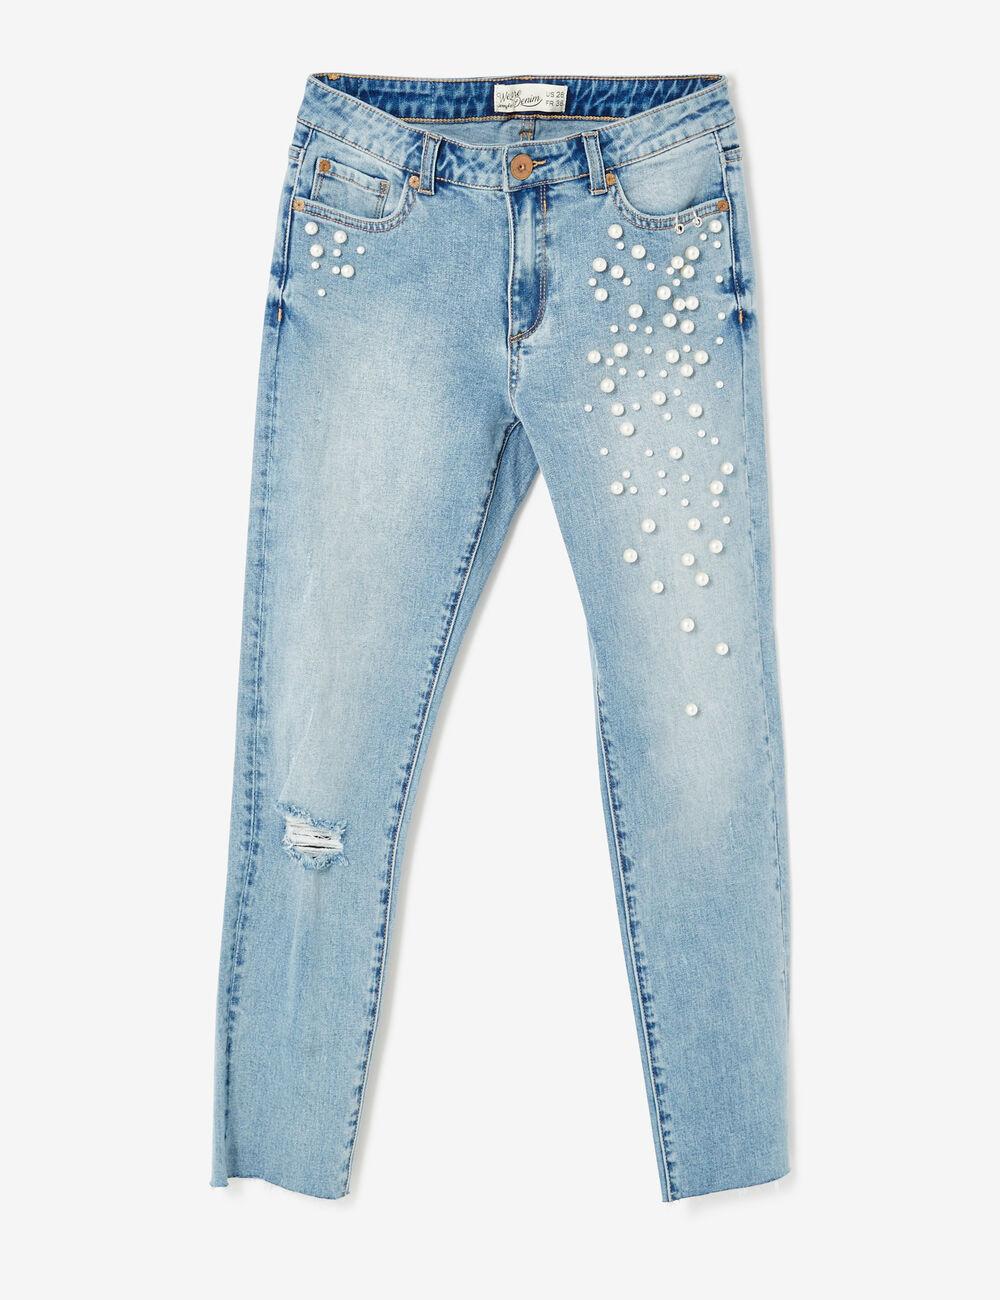 jean skinny avec perles bleu clair